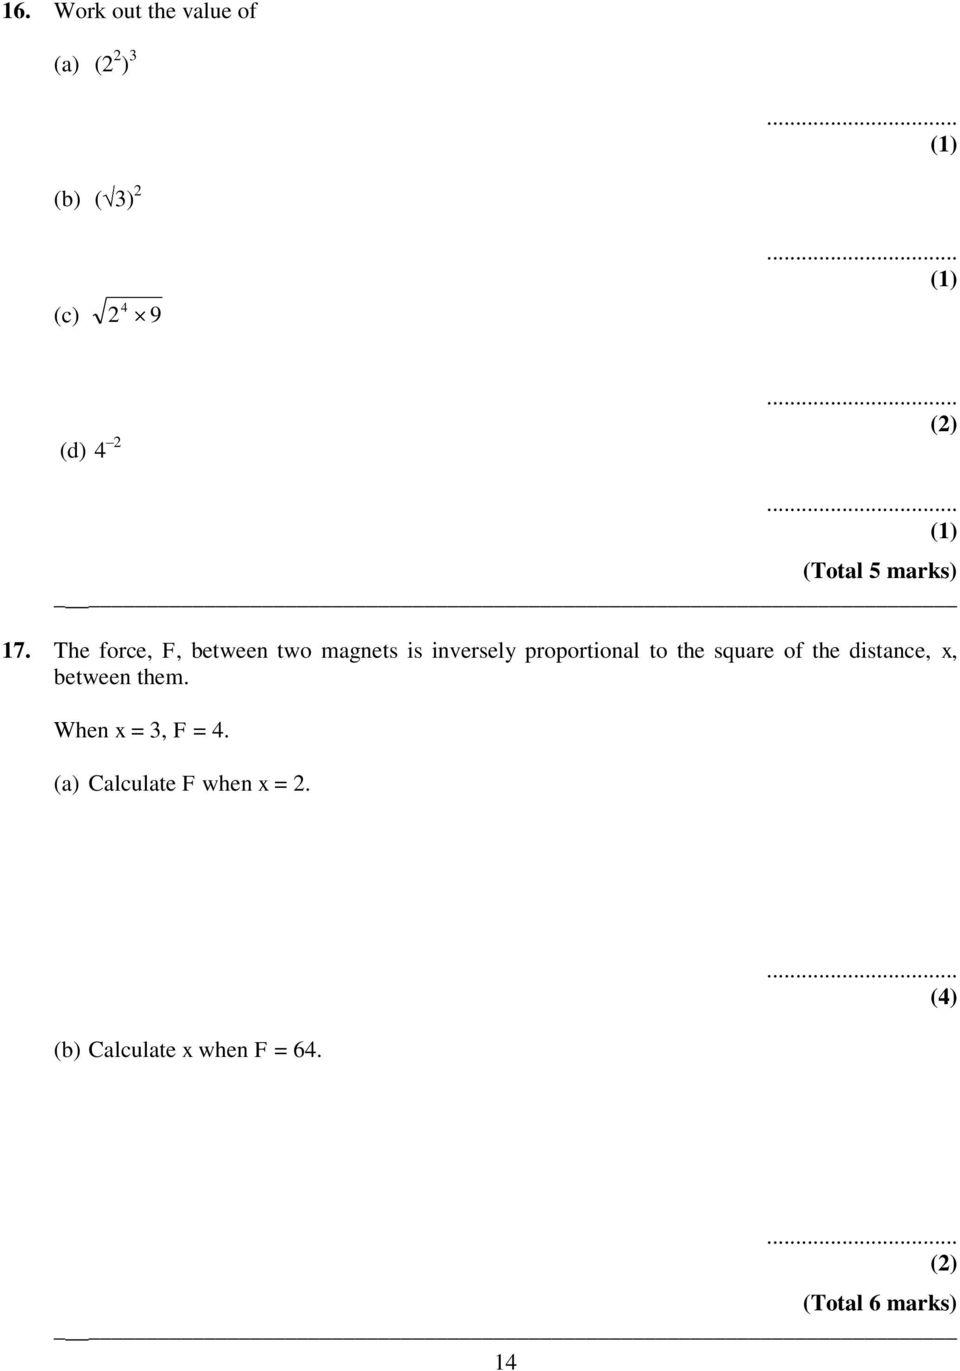 1MA0/3H Edexcel GCSE Mathematics (Linear) 1MA0 Practice